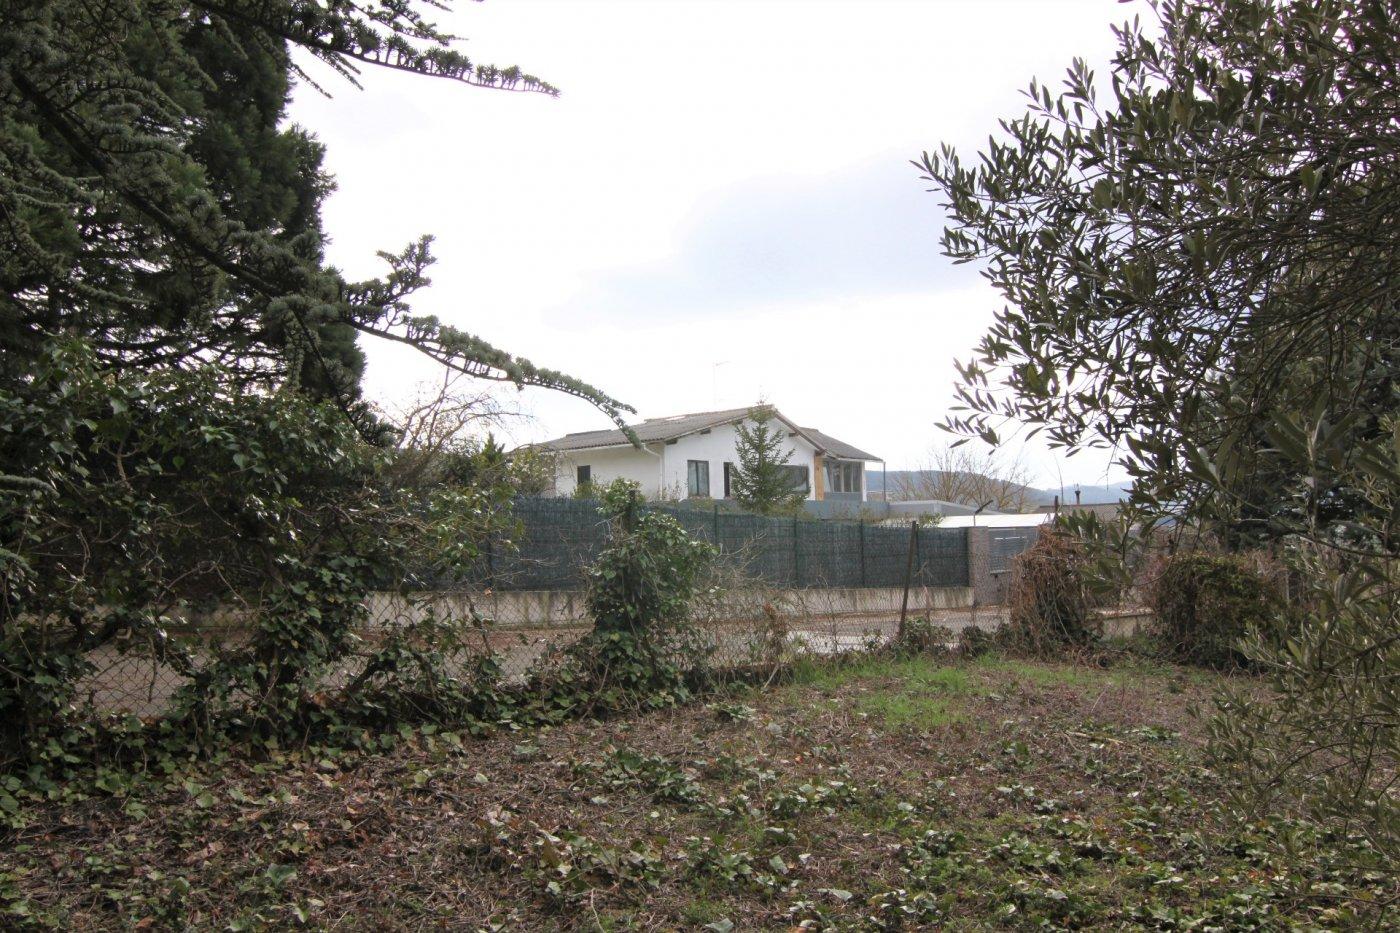 Casa en venta en Cizur zona Zariquiegui